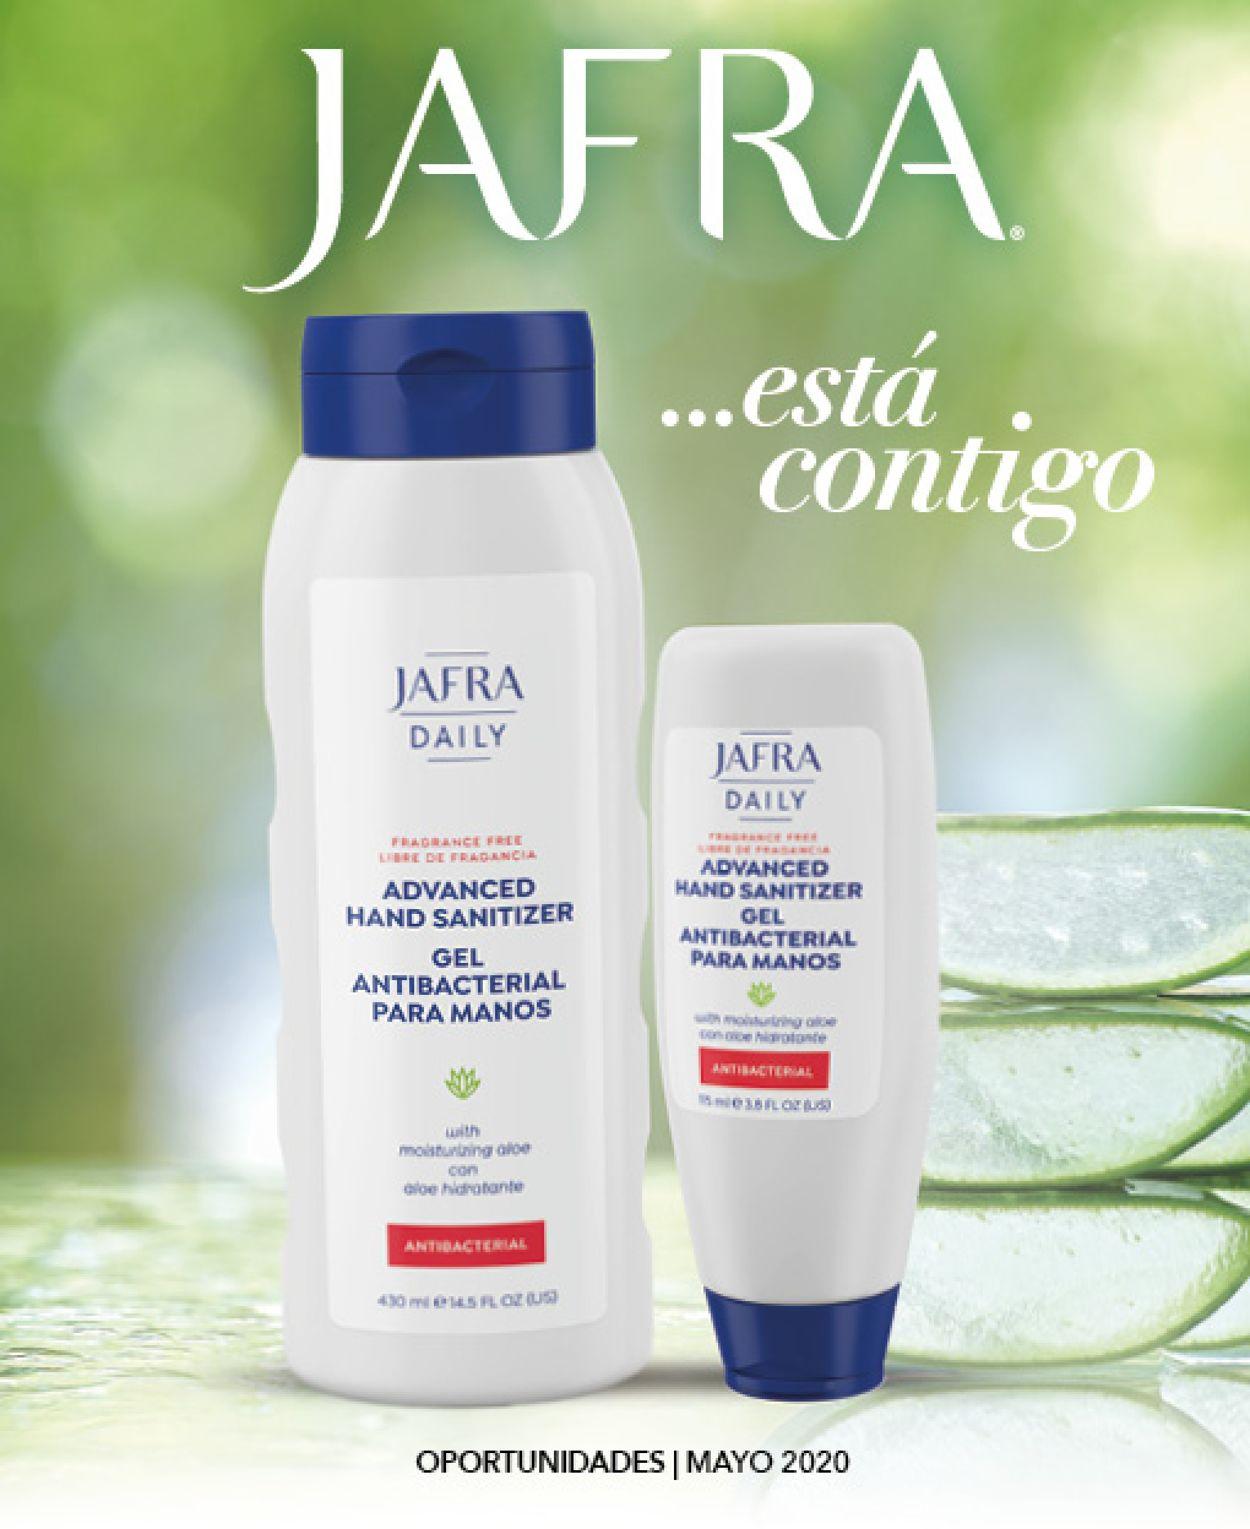 Jafra Folleto - 01.05-31.05.2020